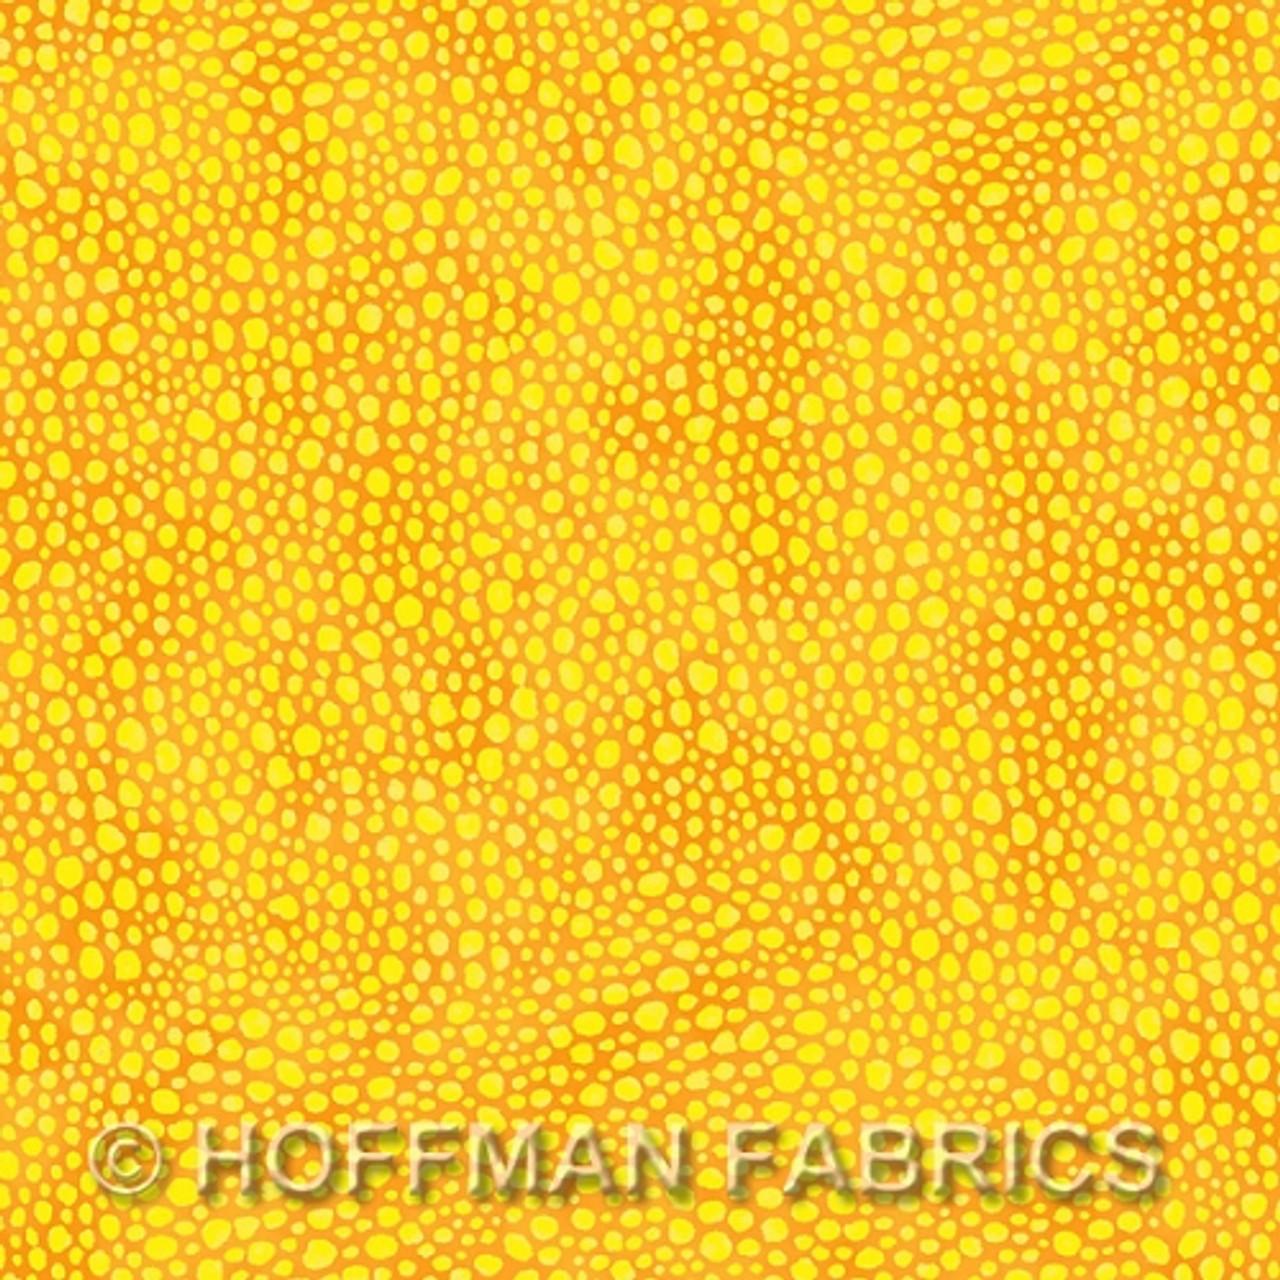 Hoffman Fabrics - Bliss Blenders - Gold